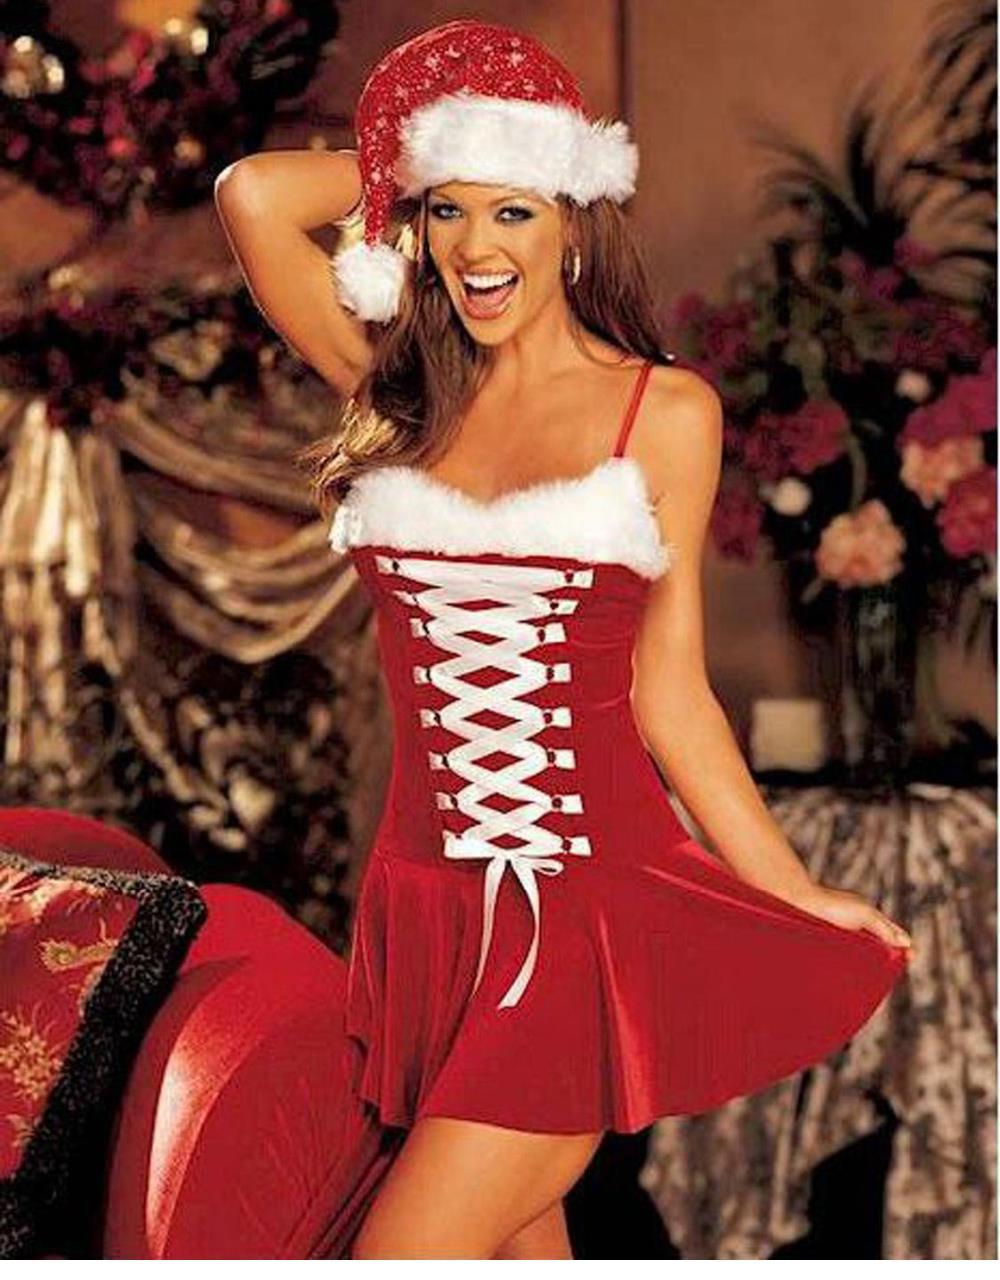 얼룩이 진 여자와 섹시한 크리스마스 드레스 모피 - 캐릭터의상